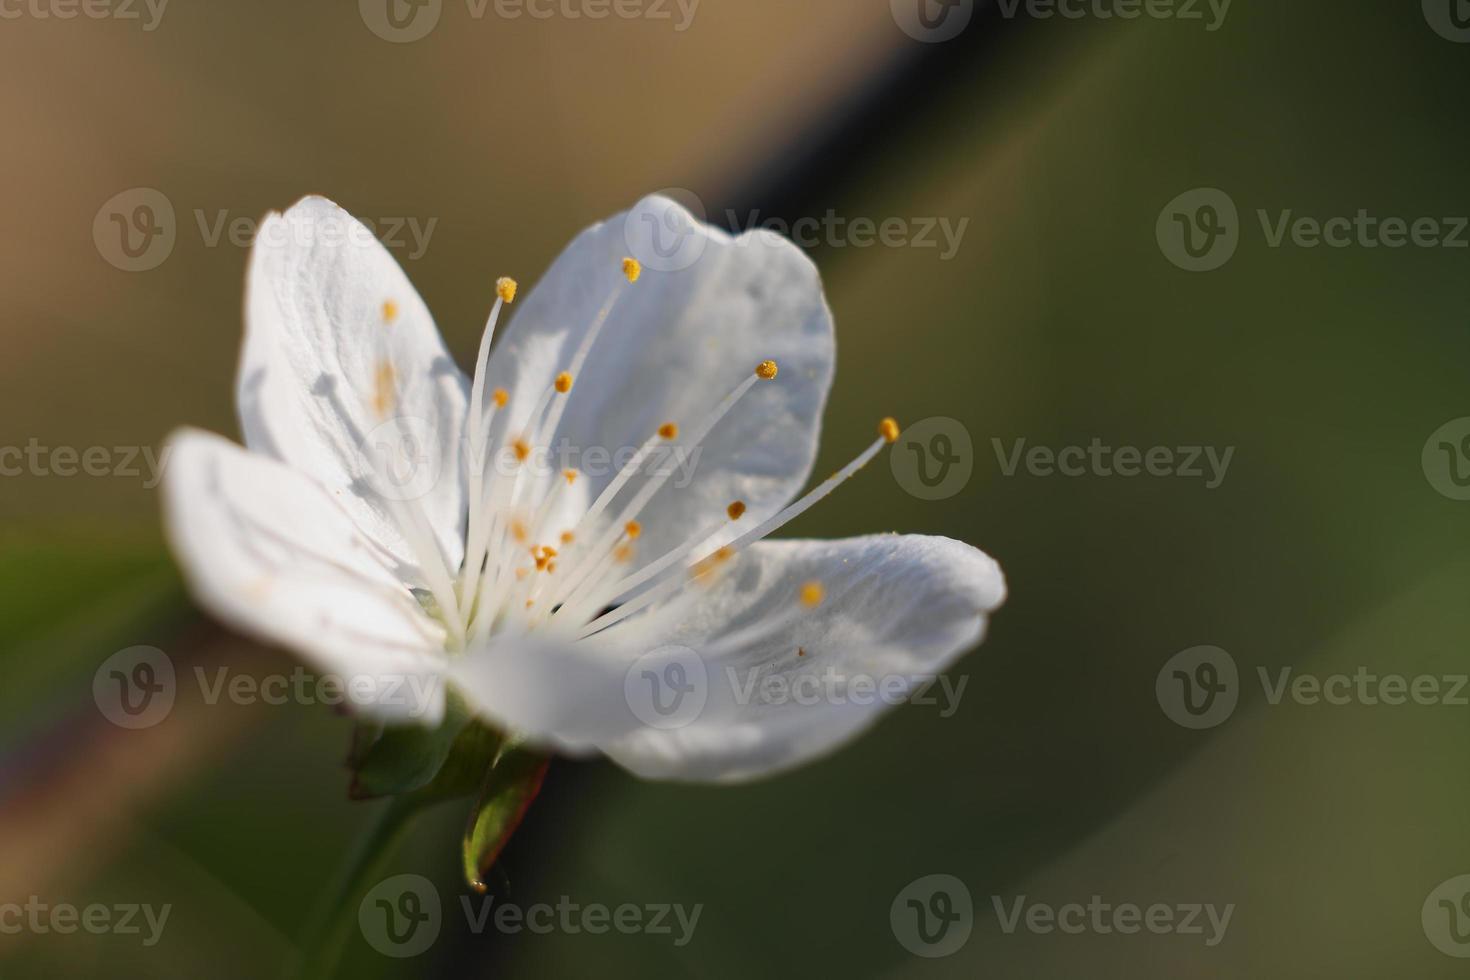 äppelträd blommor-våren träd blommor foto